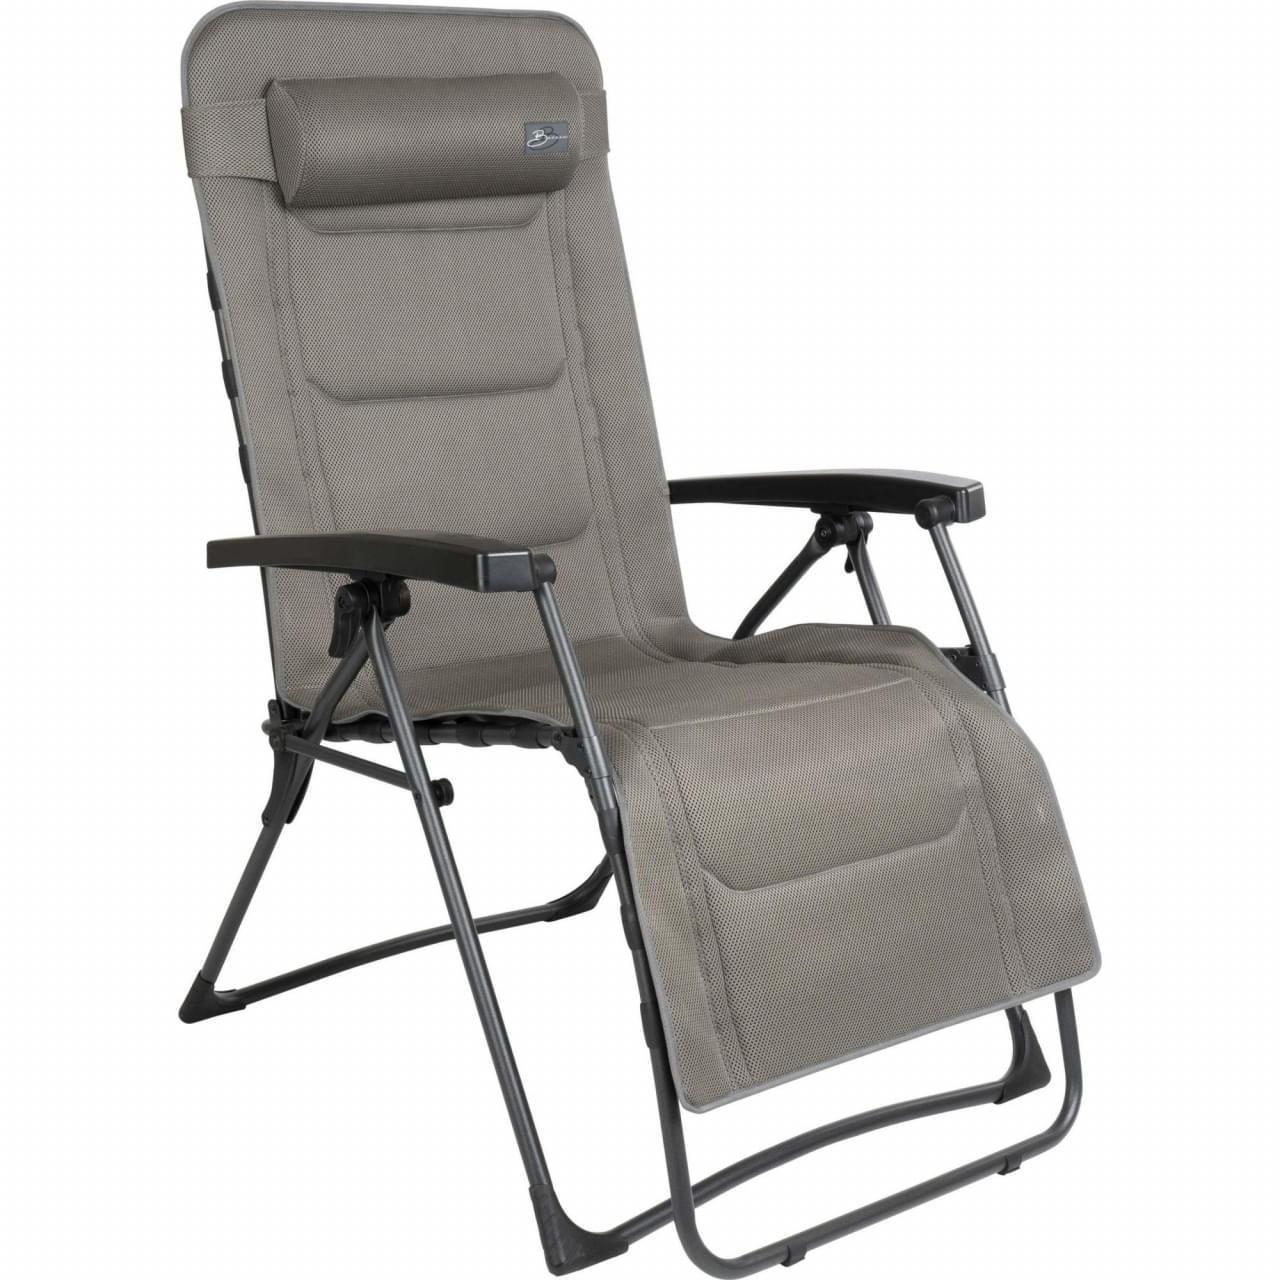 Bardani Riposo Clip 3D Comfort Relaxstoel - Grijs